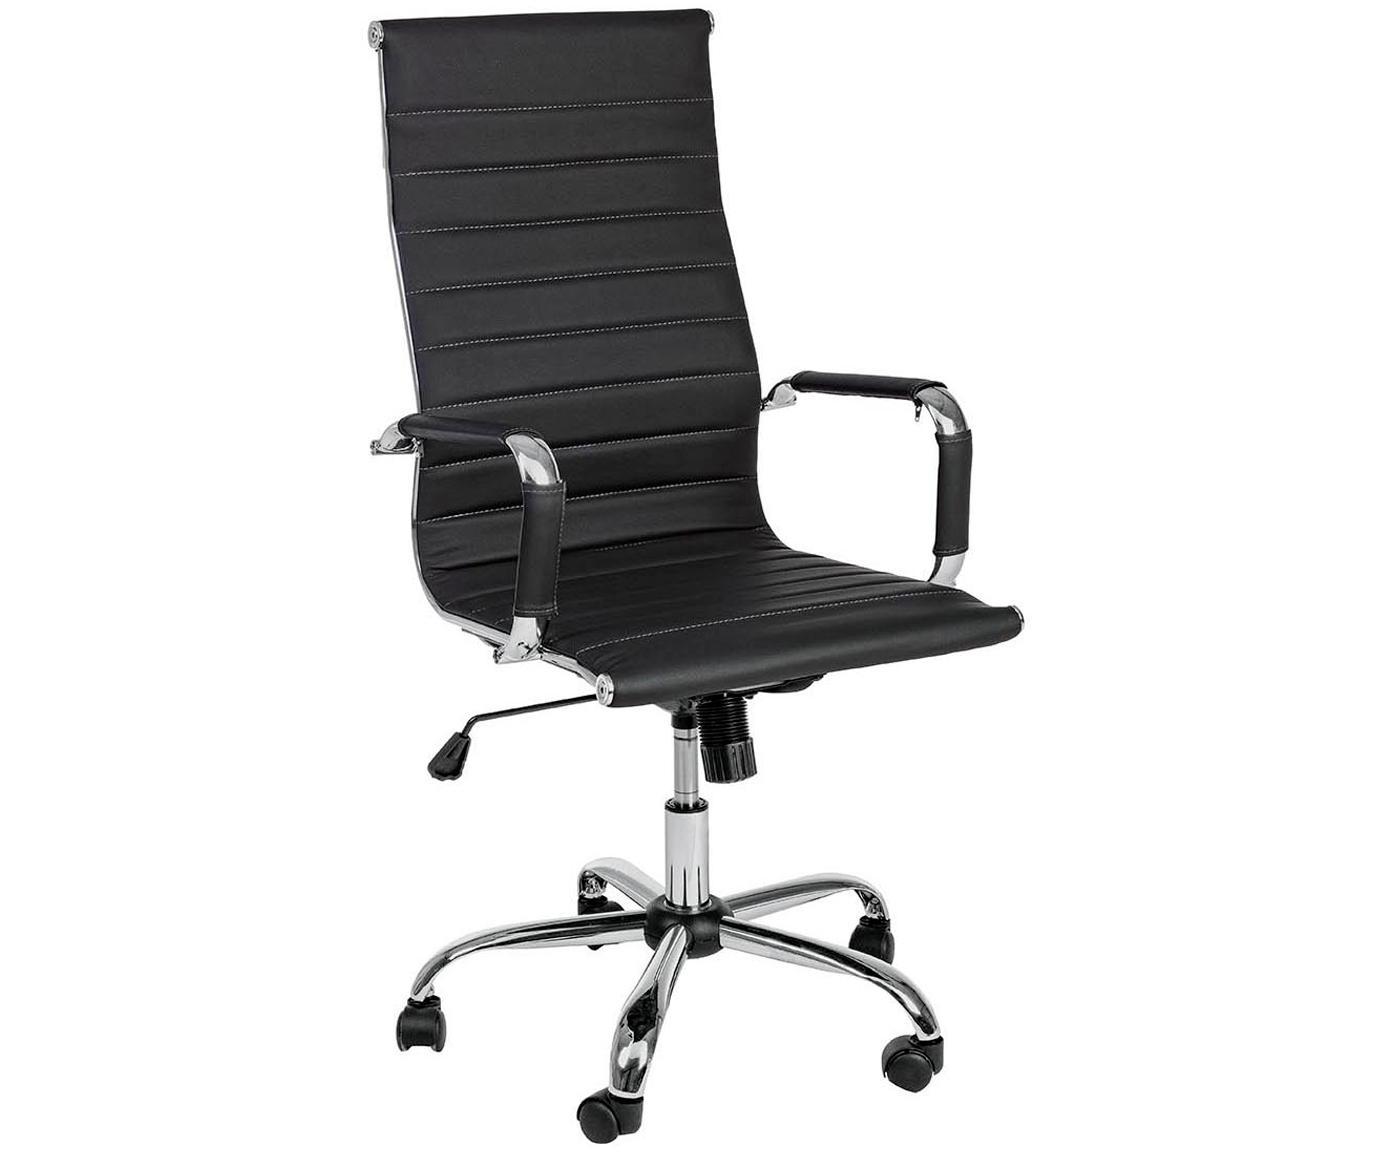 Biurowe krzesło obrotowe ze sztucznej skóry Praga, Stelaż: metal chromowany, Tapicerka: sztuczna skóra (poliureta, Czarny, S 59 x W 110 cm